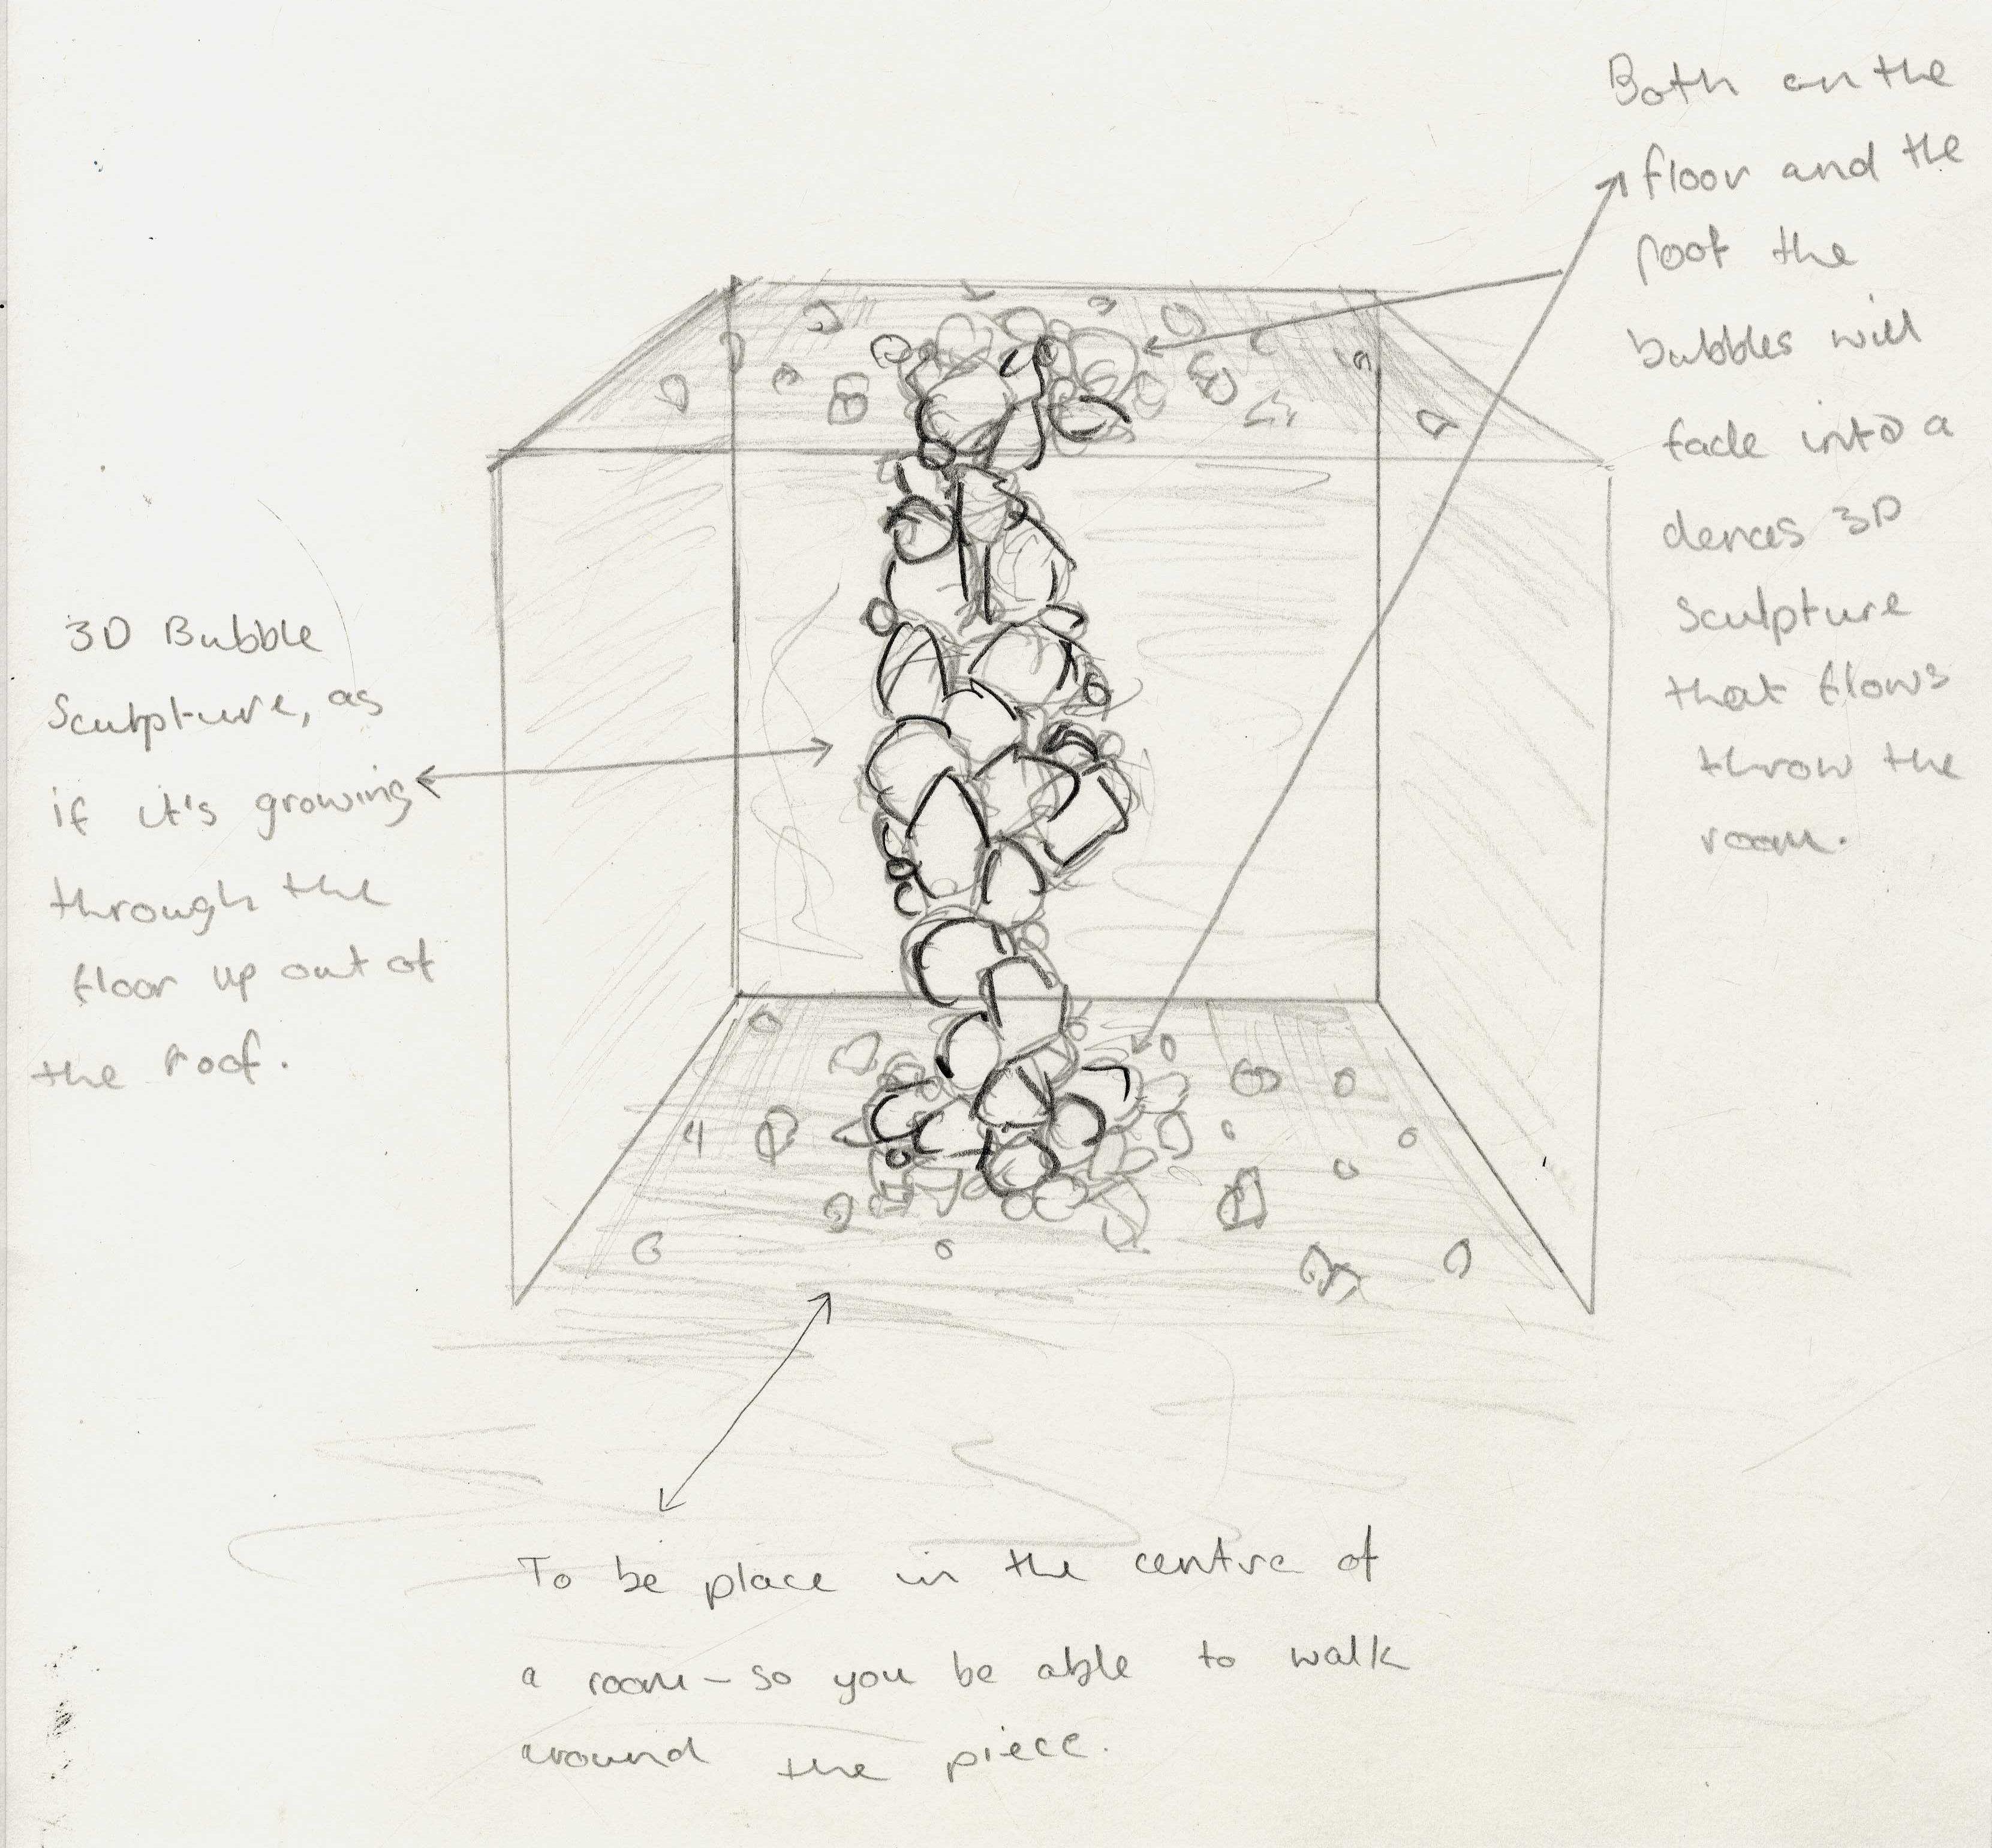 Art Installation Proposal Design